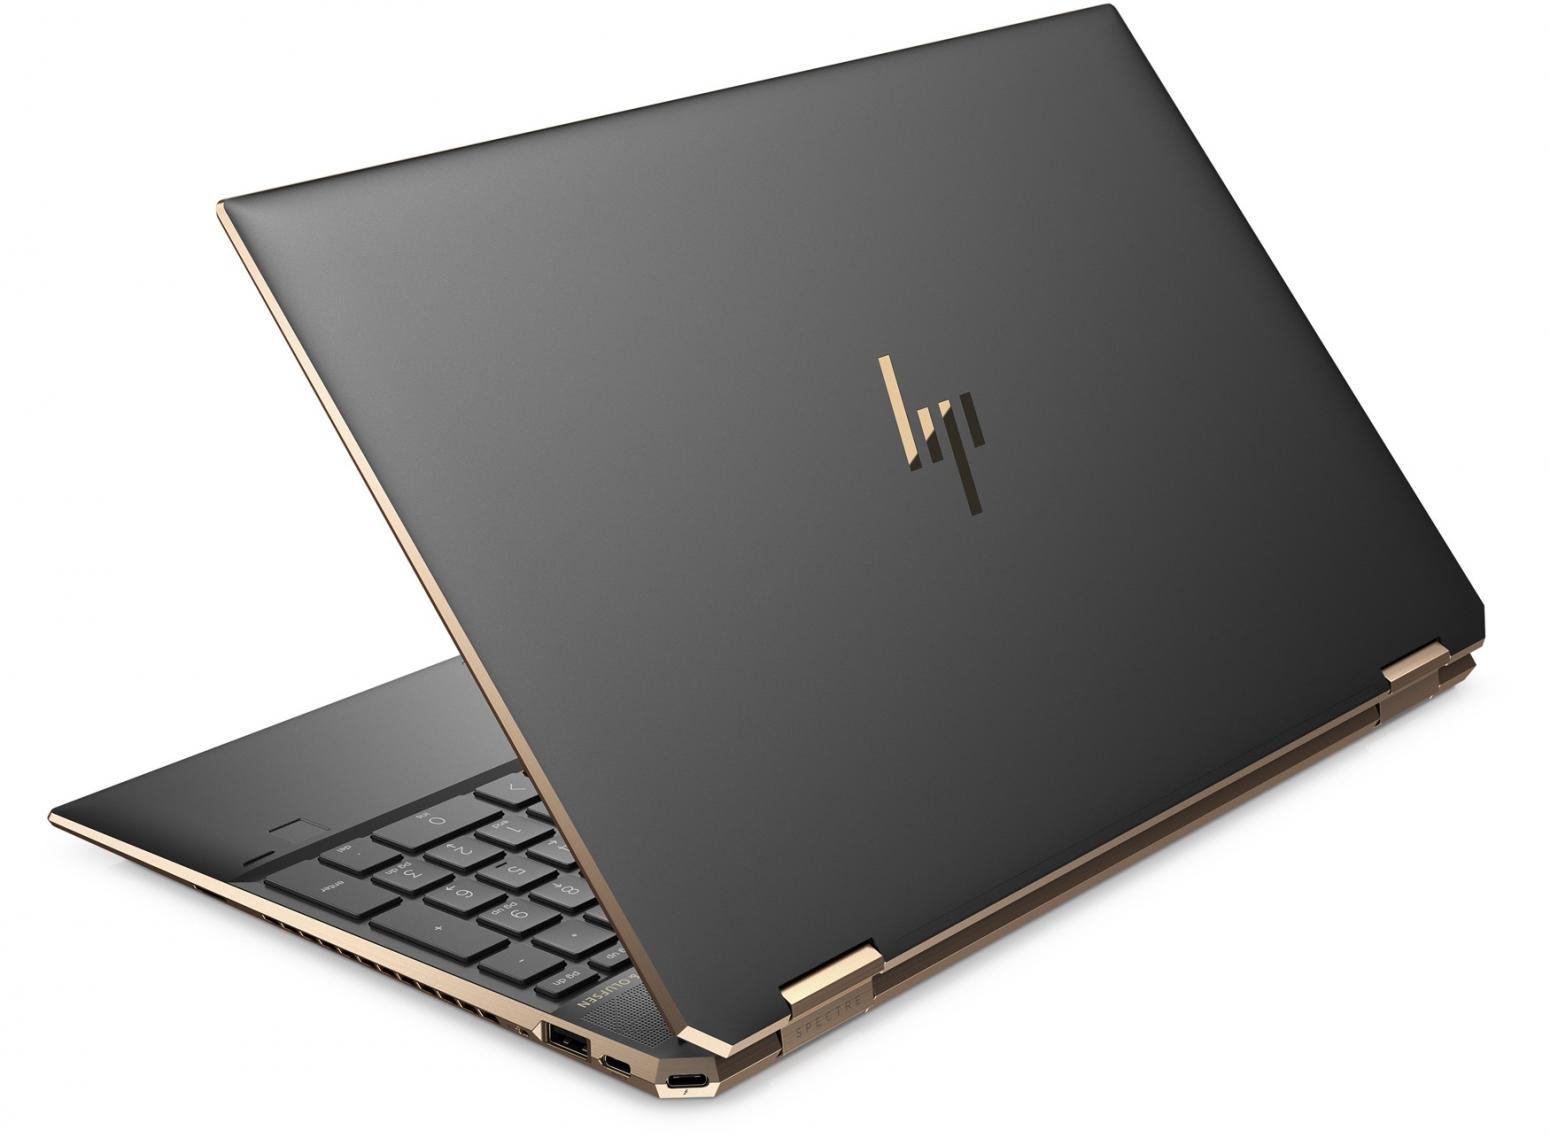 Ordinateur portable HP Spectre x360 15-eb1000nf Noir - 4K Tactile - photo 7